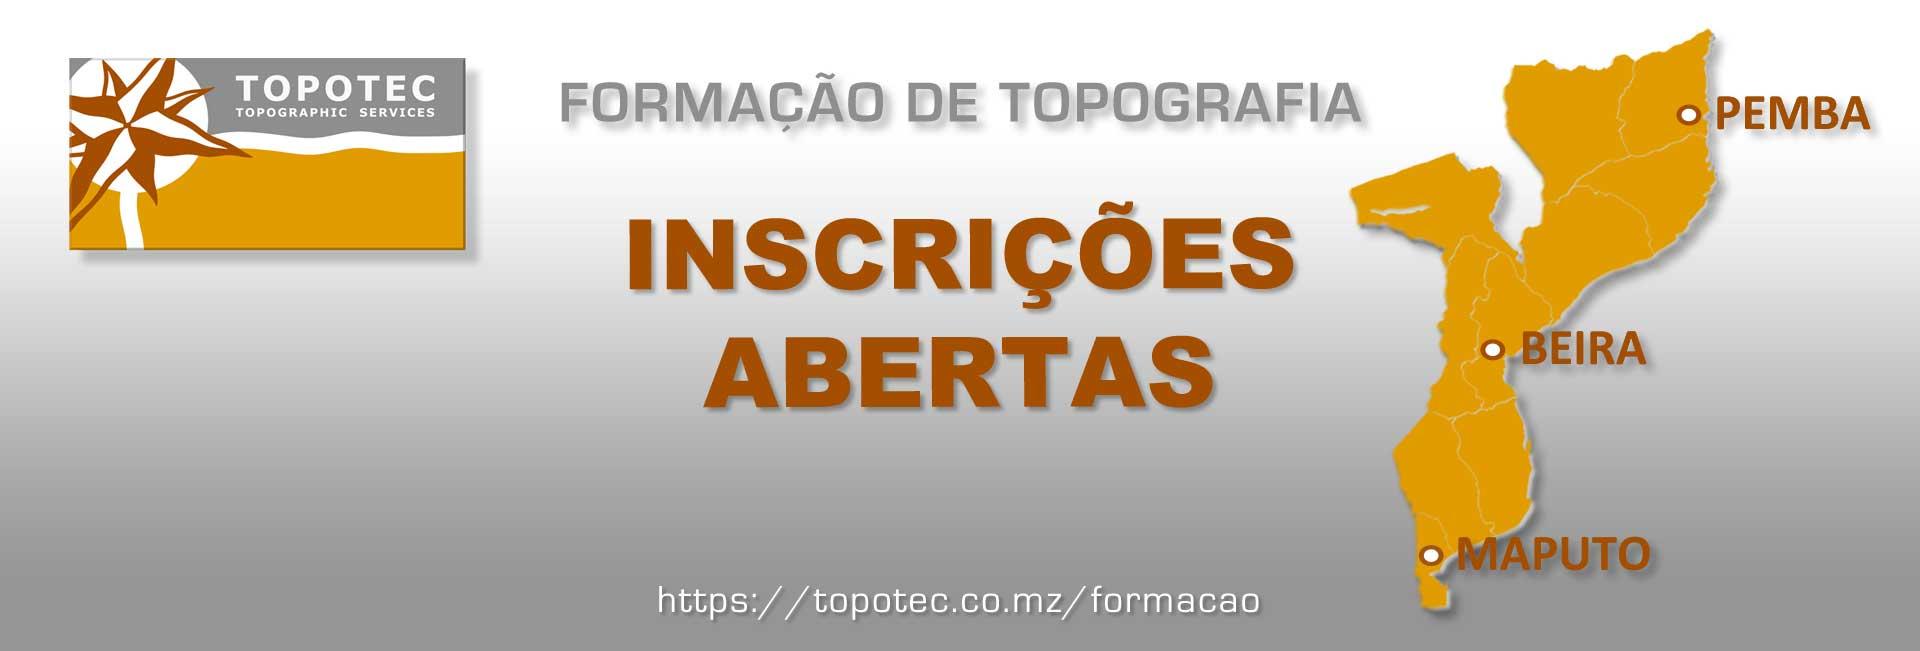 190722-TOPOGRAFIA---WEBPAGE-FORMAÇÃO-TOPOTEC---by-DESIGN-GRÁFICO---©2019-GOTOPEMBA